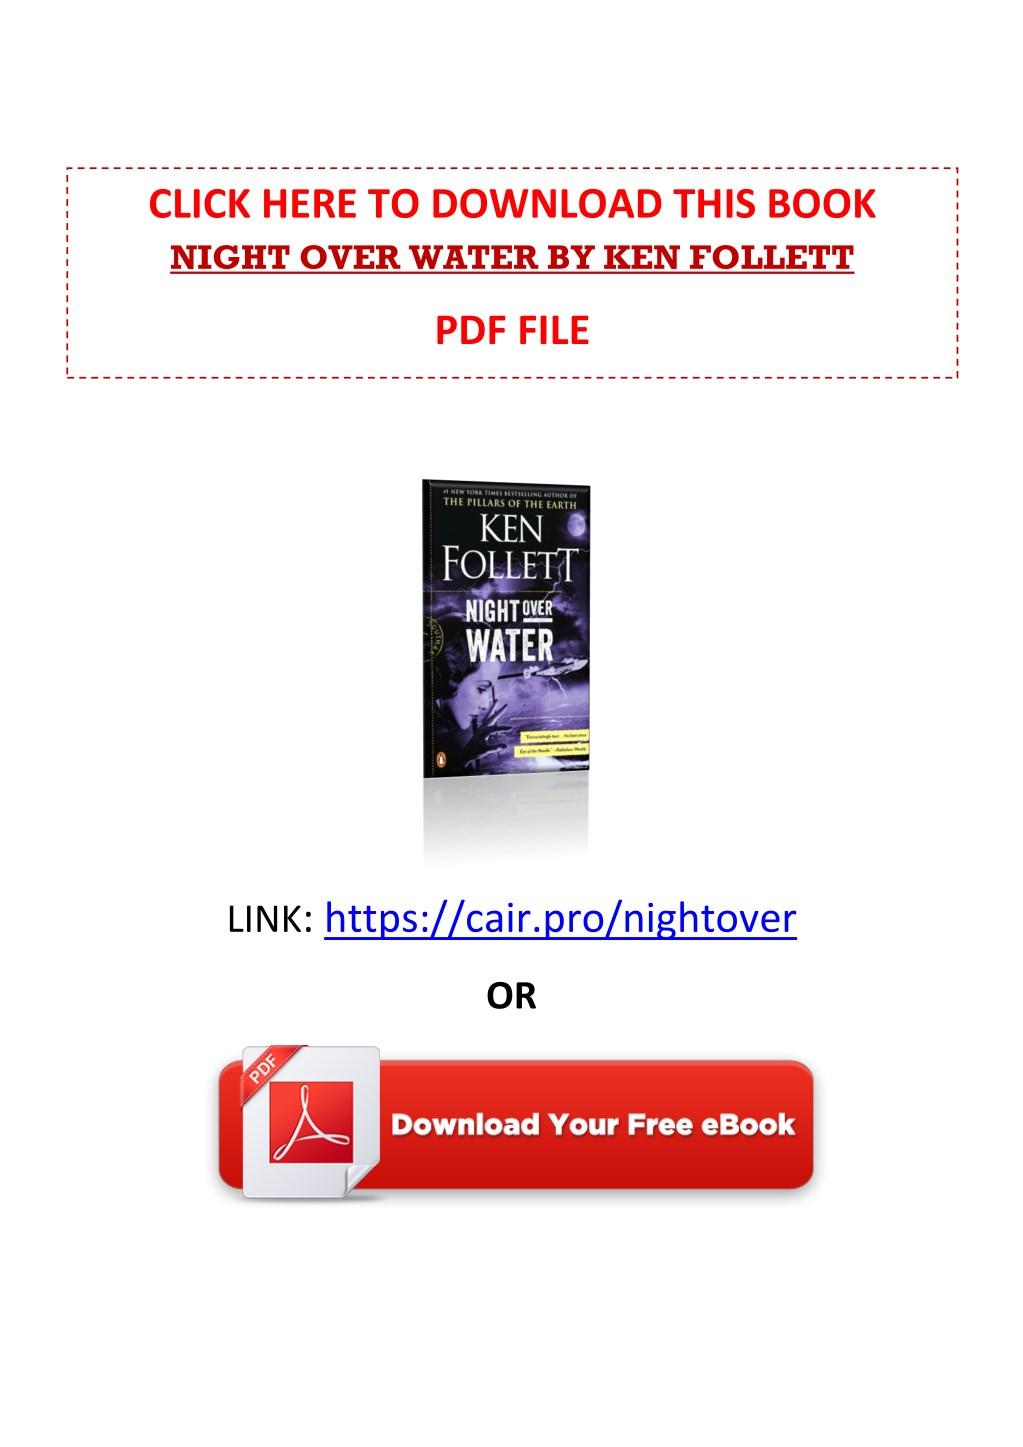 Ken Follett Ebooks Free Download Pdf